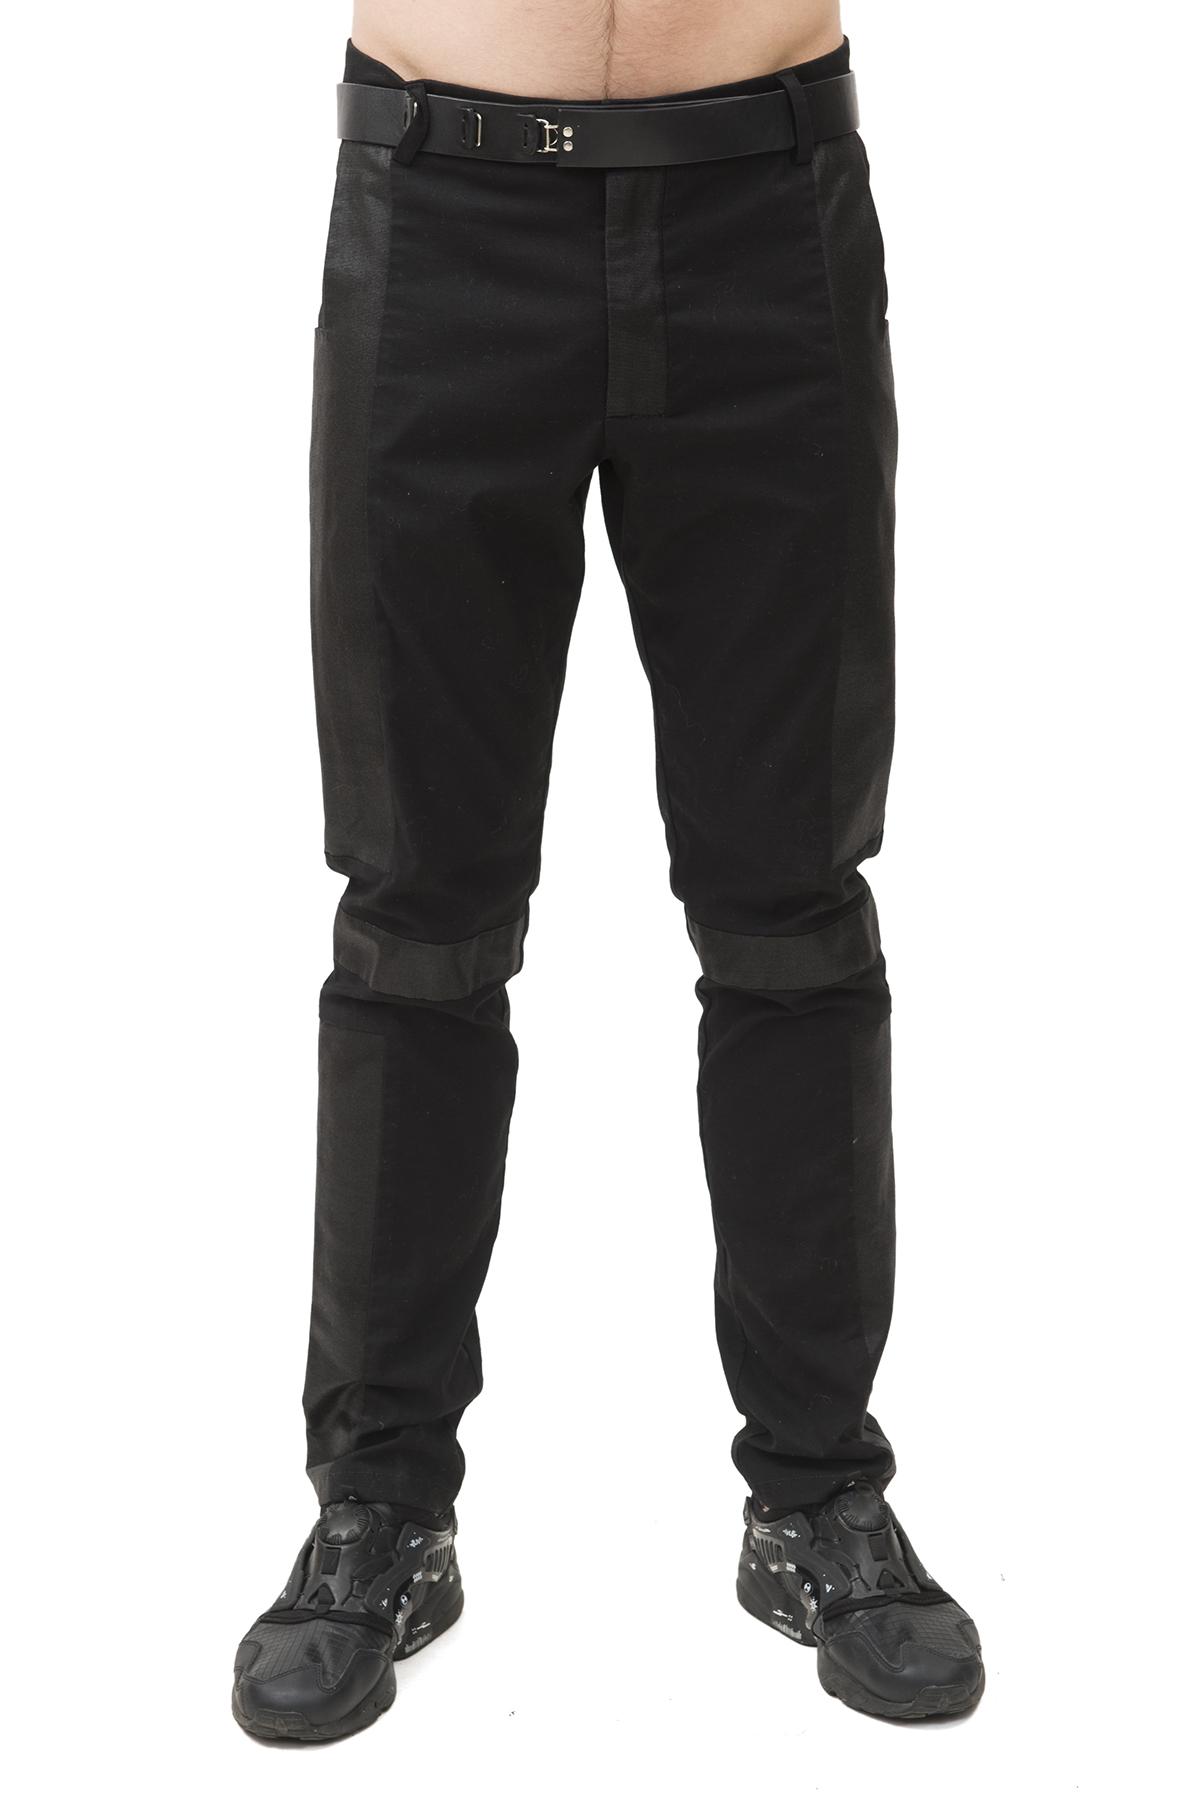 БрюкиБрюки, джинсы, шорты от производителя<br>Брюки Pavel Yerokin выполнены из хлопкового текстиля разной фактуры. Особенности: зауженный крой, застежка на молнии и пуговице, 5 карманов, шлевки для ремня.<br><br>Цвет: черный<br>Состав: Материал 1 - Хлопок - 97%, Спандекс - 3%  Материал 2 - Хлопок - 95%, Полиуретан - 5%<br>Размер: 44,46,48,50,52,54,56<br>Страна дизайна: Россия<br>Страна производства: Россия